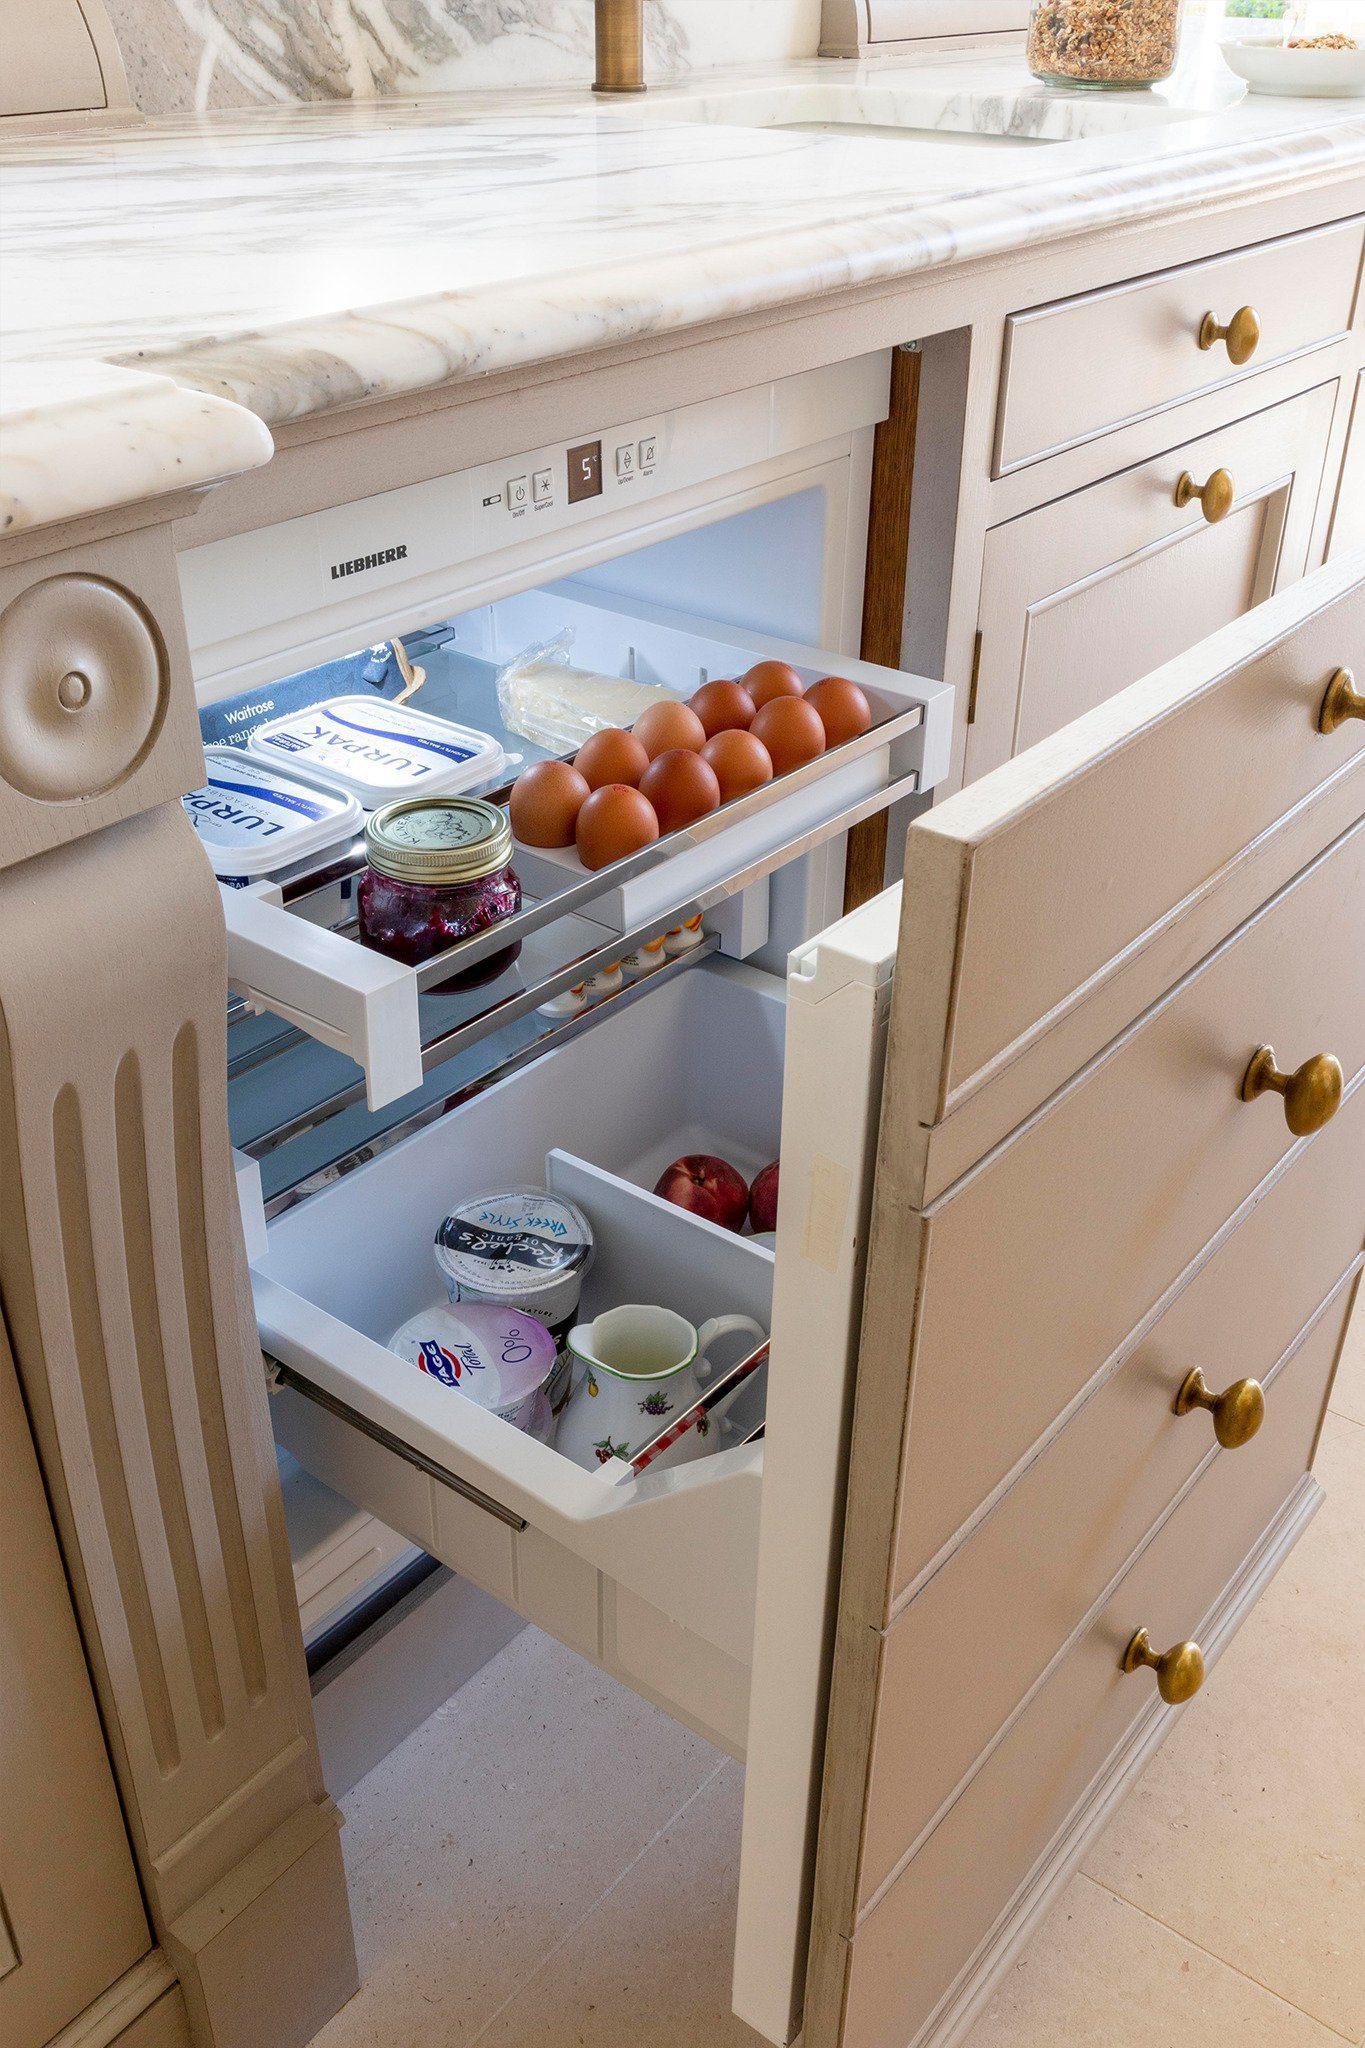 Cold storage under counter fridge